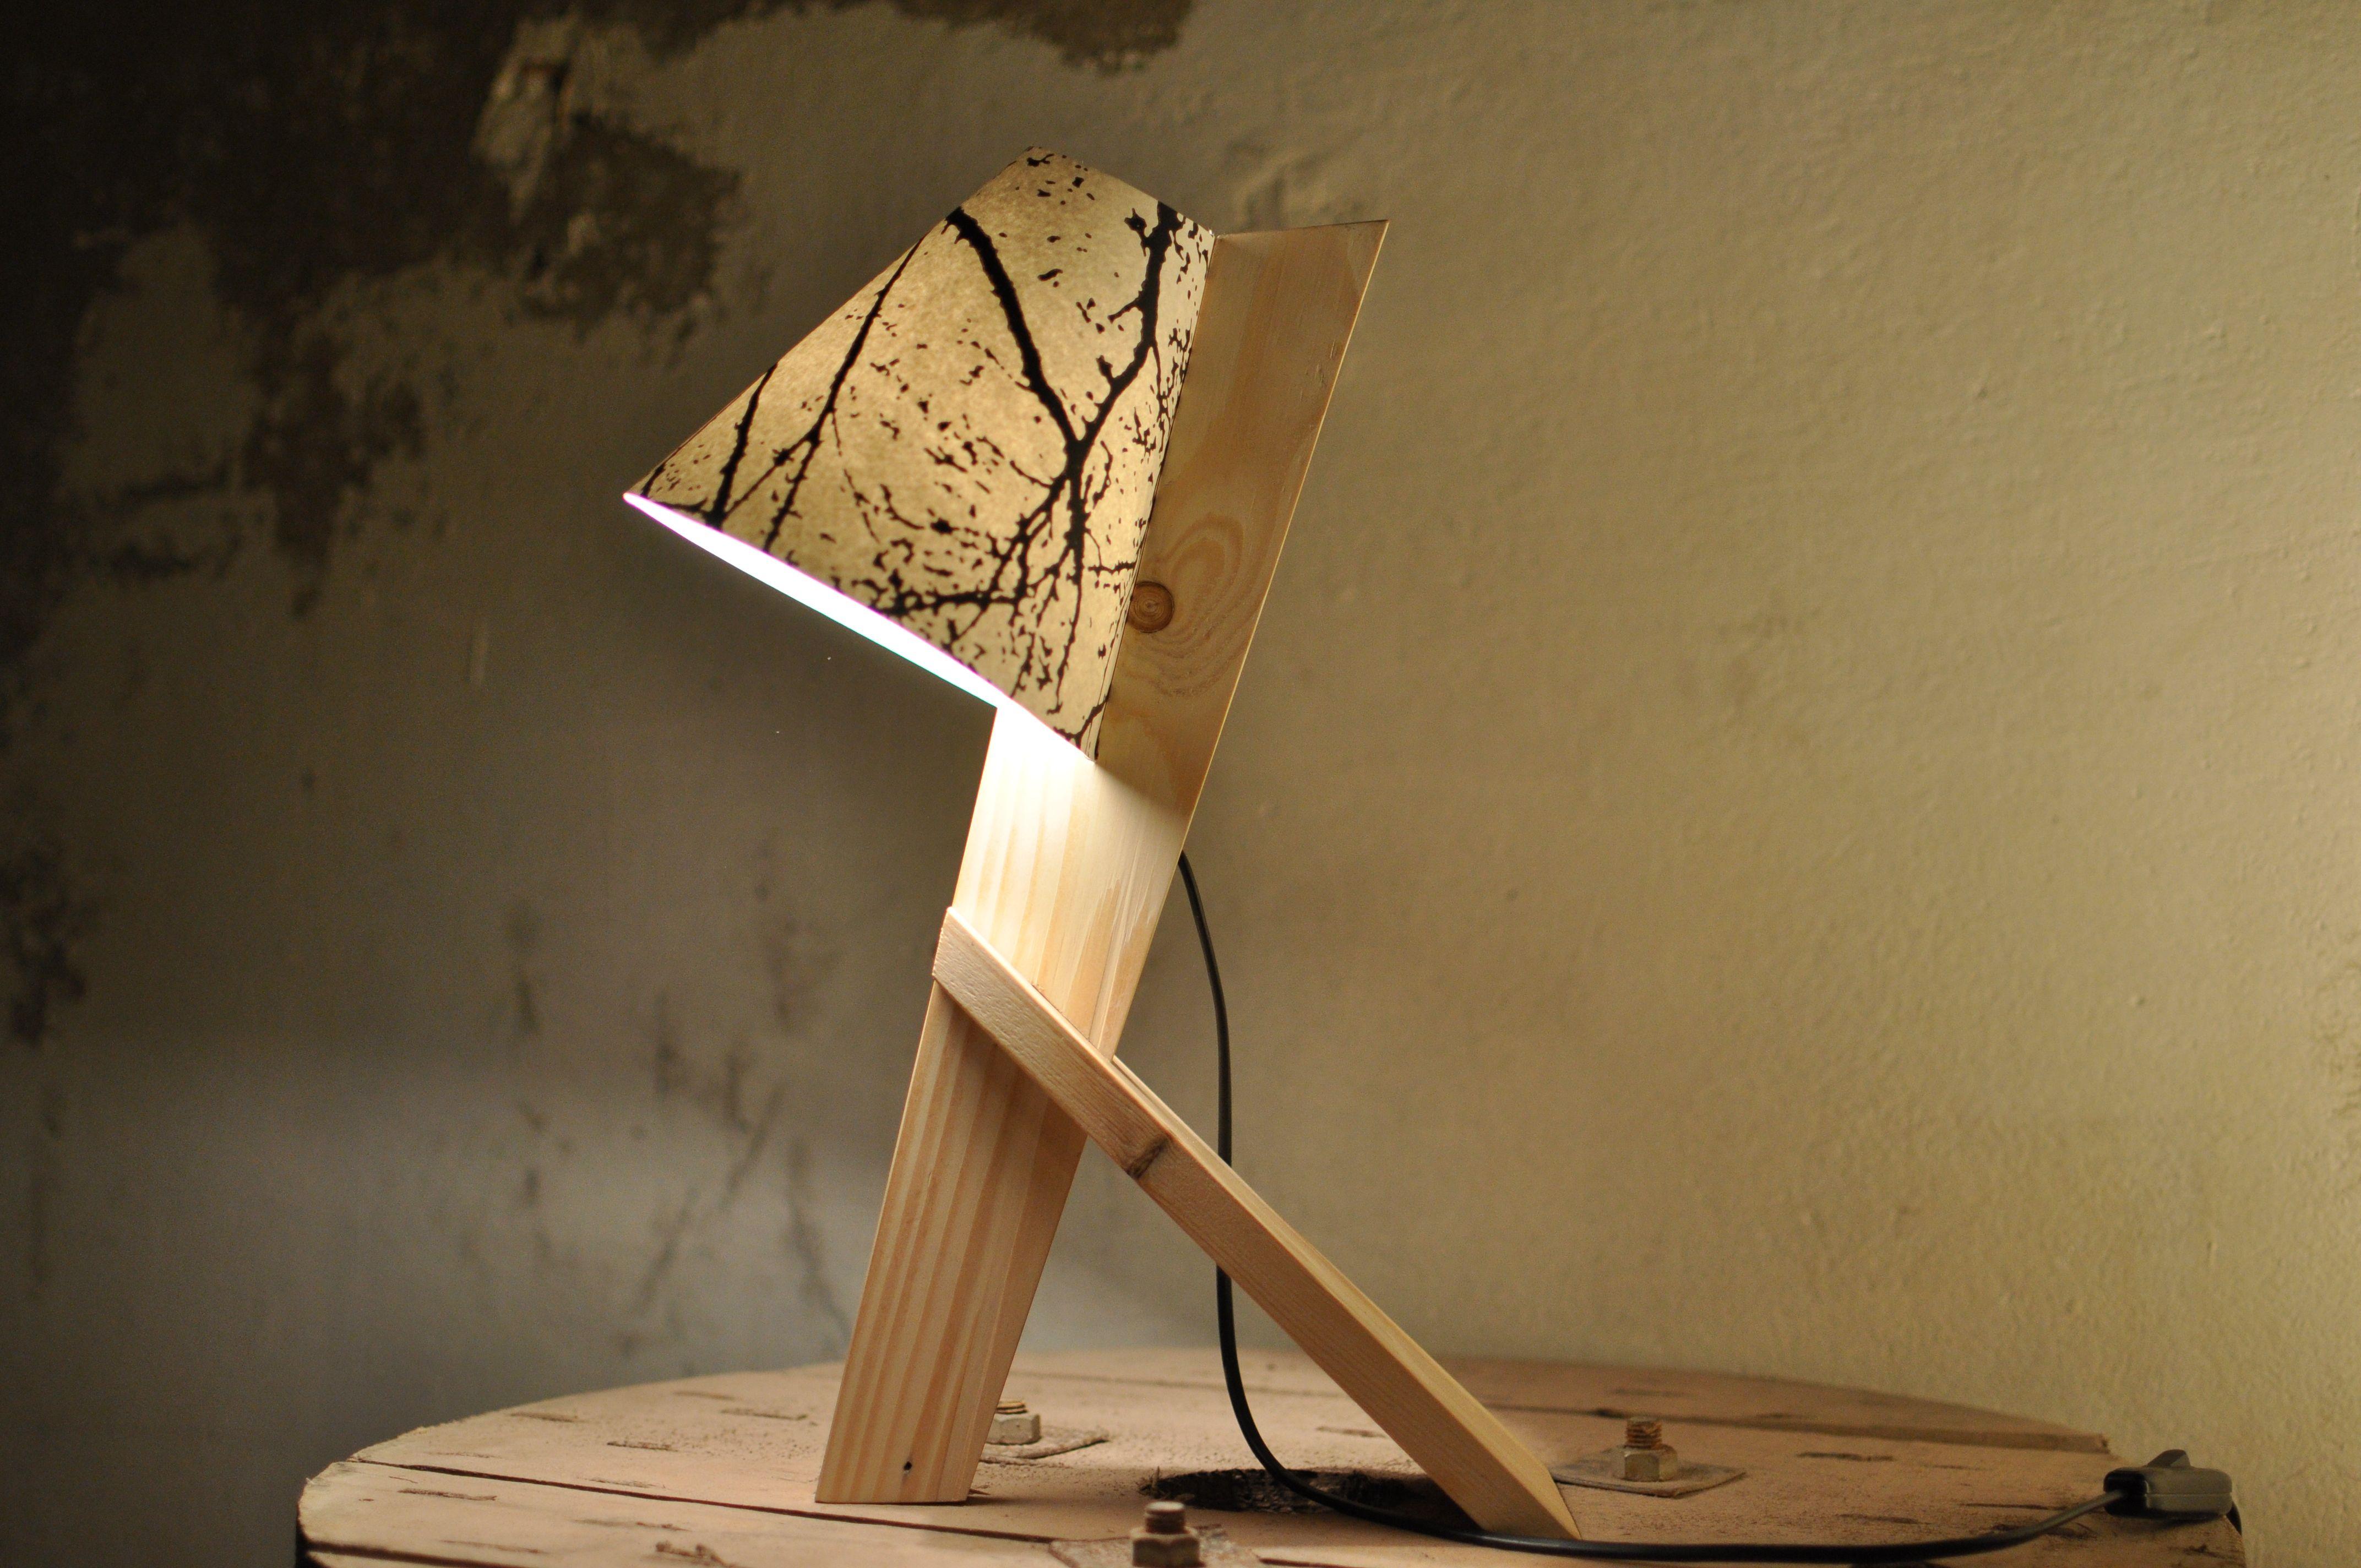 Lampe de chevet réalisée en bois de palette Sans colle l abat jour